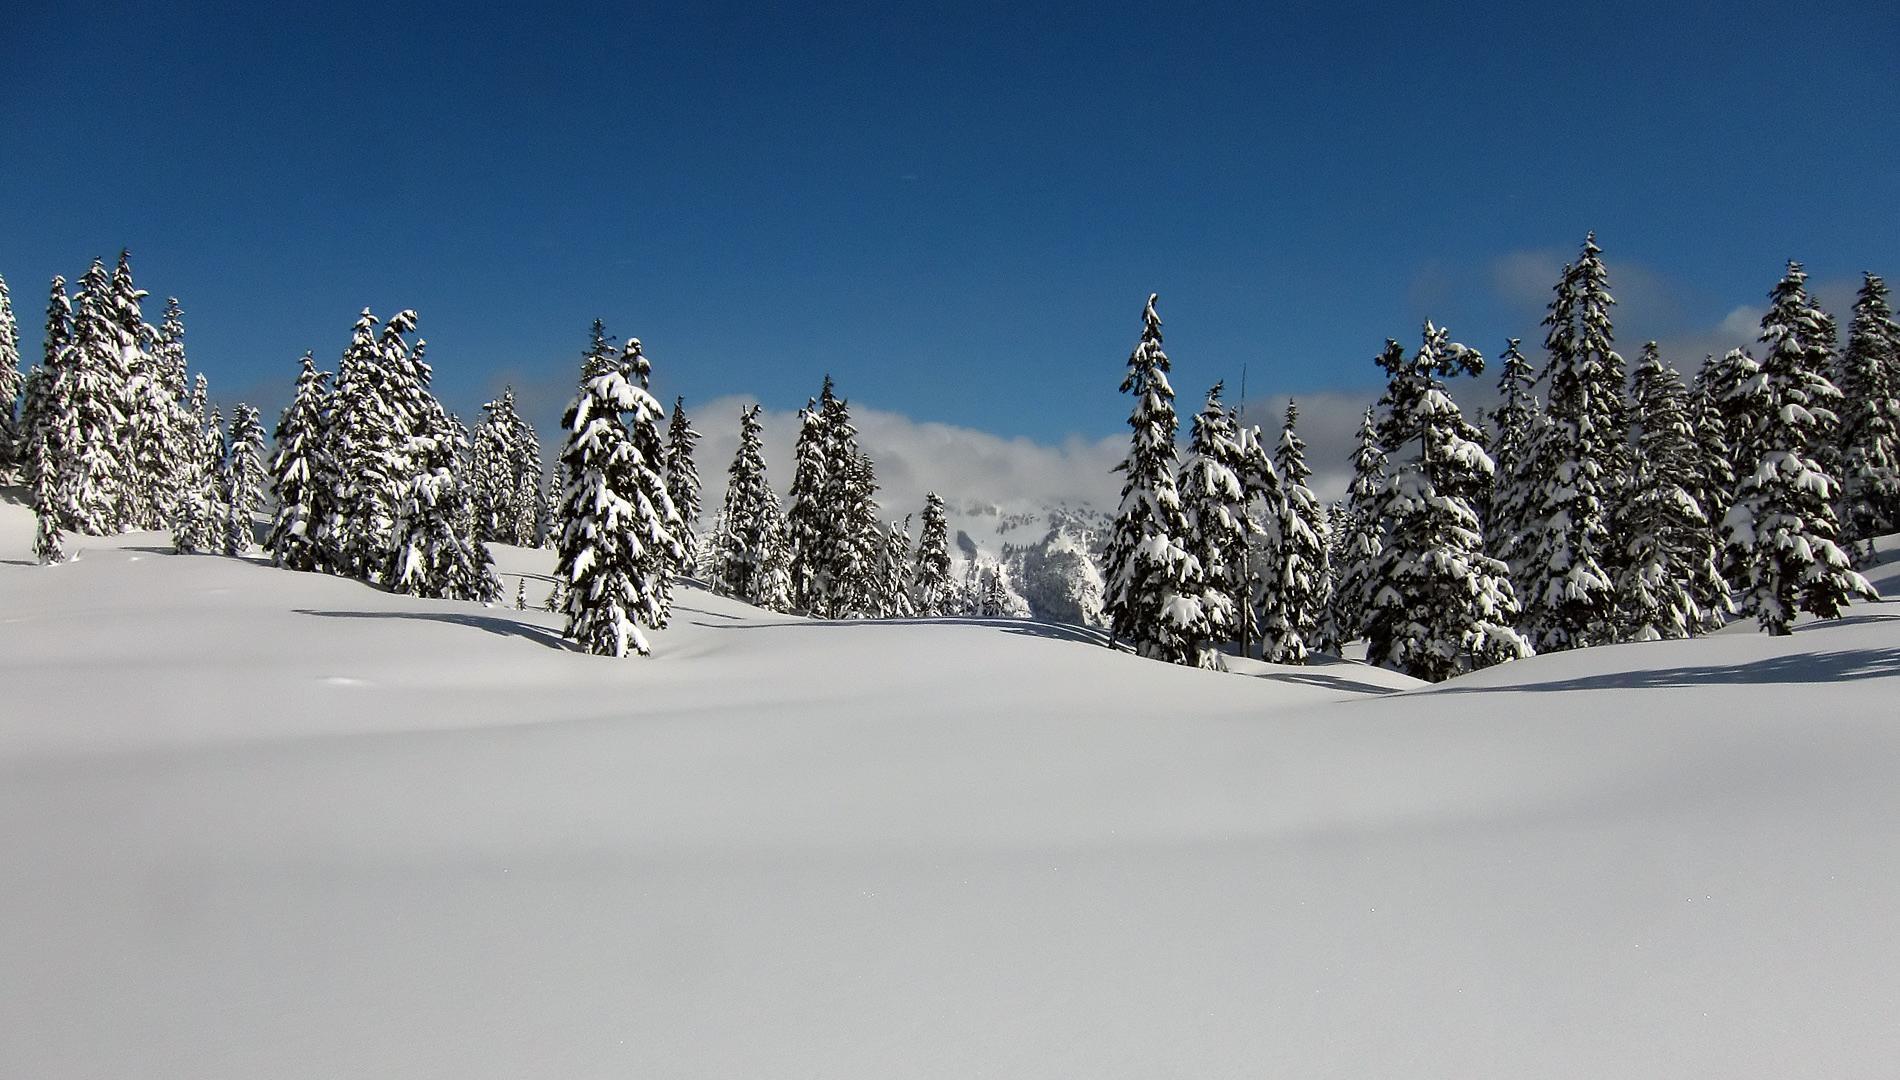 Cascade Mountain Scenery